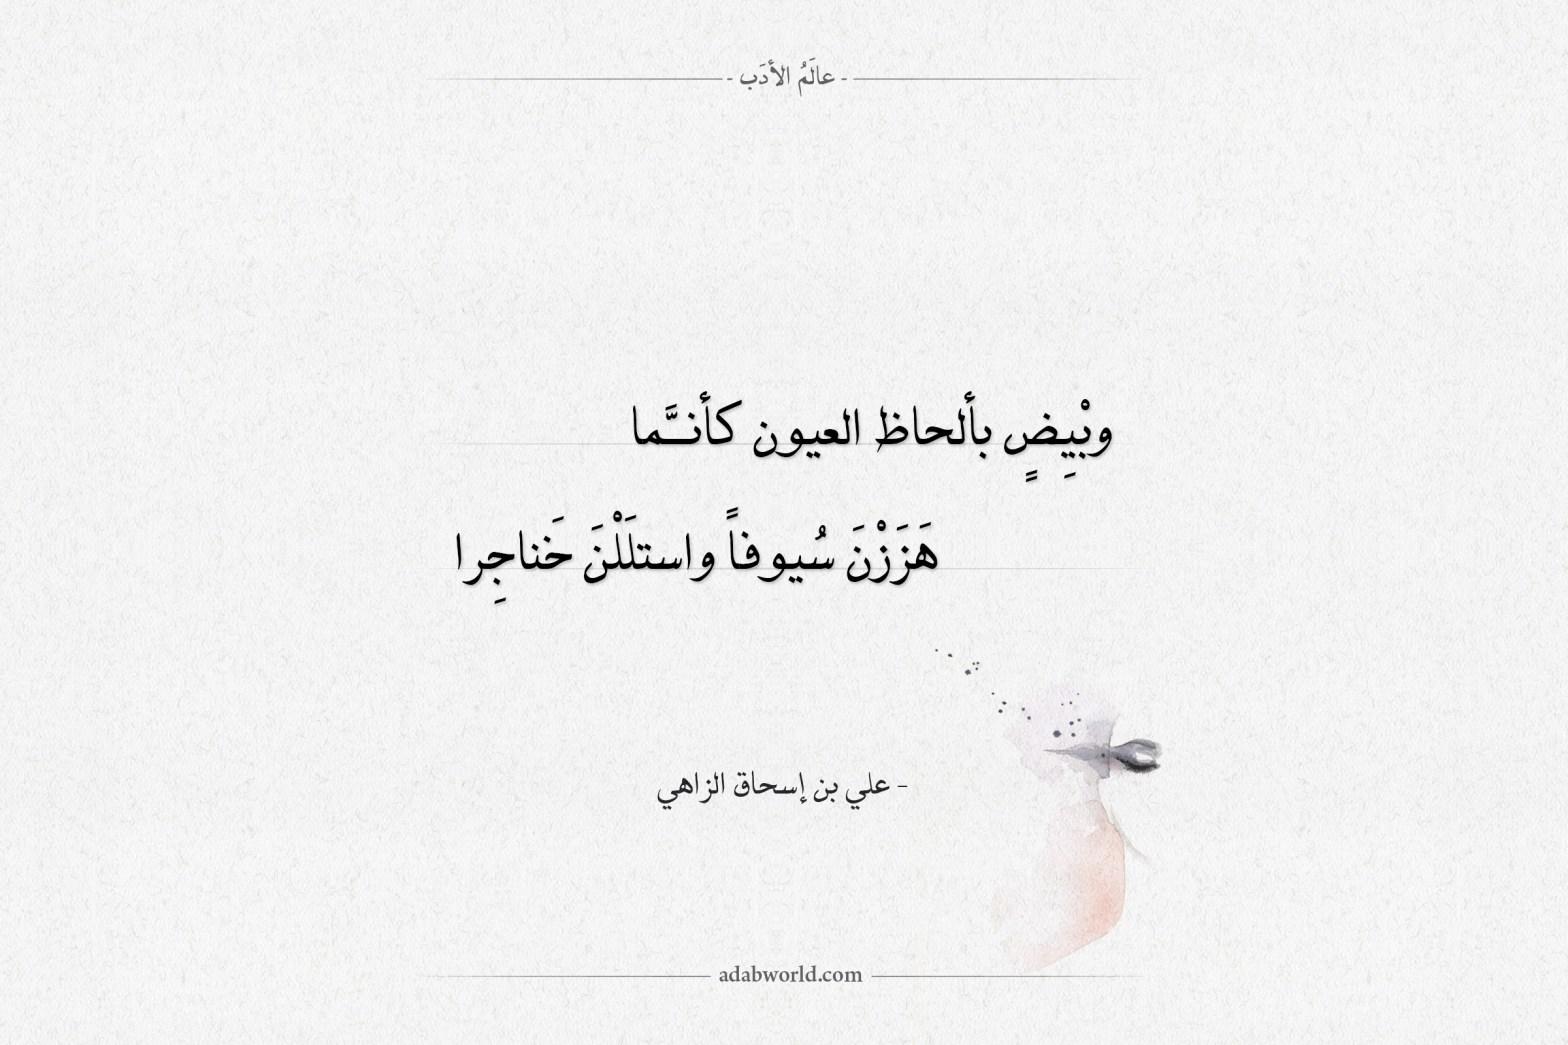 شعر علي بن إسحاق الزاهي - وبيض بألحاظ العيون كأنما